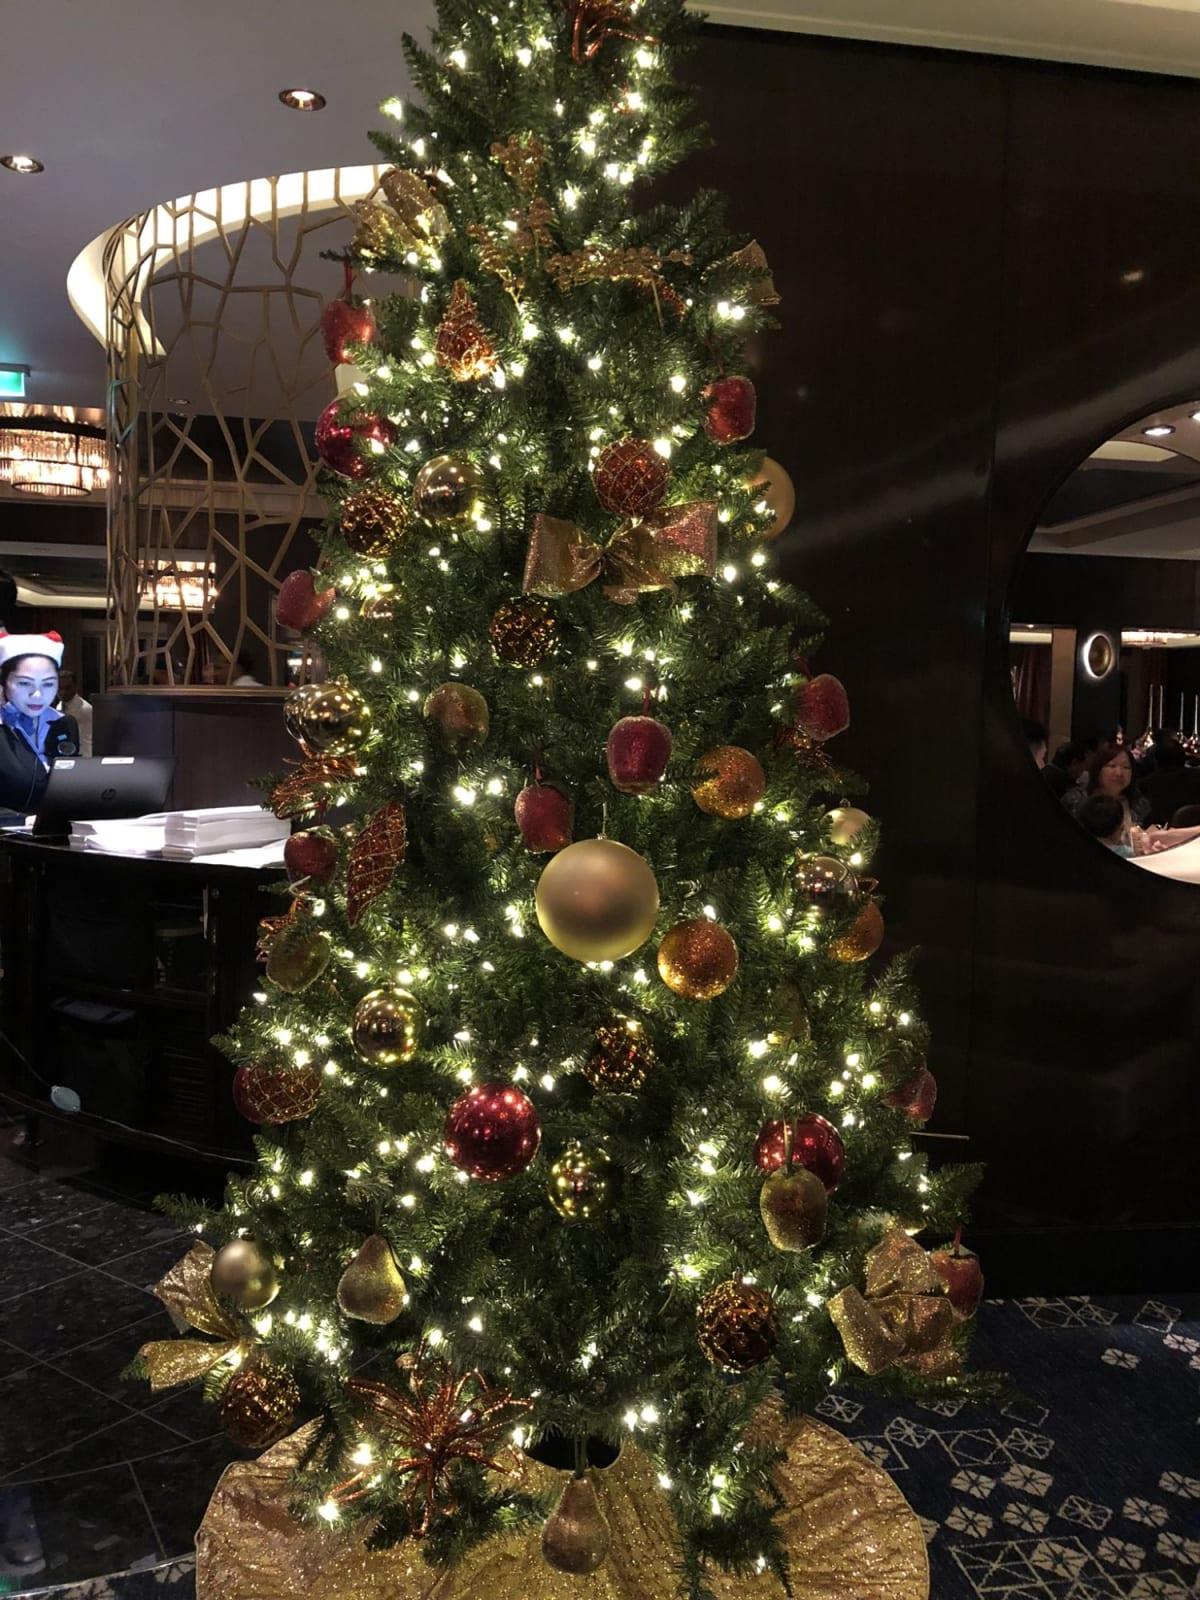 クリスマス時期だったのでたくさんのクリスマスツリー | 客船ノルウェージャン・ジョイの船内施設